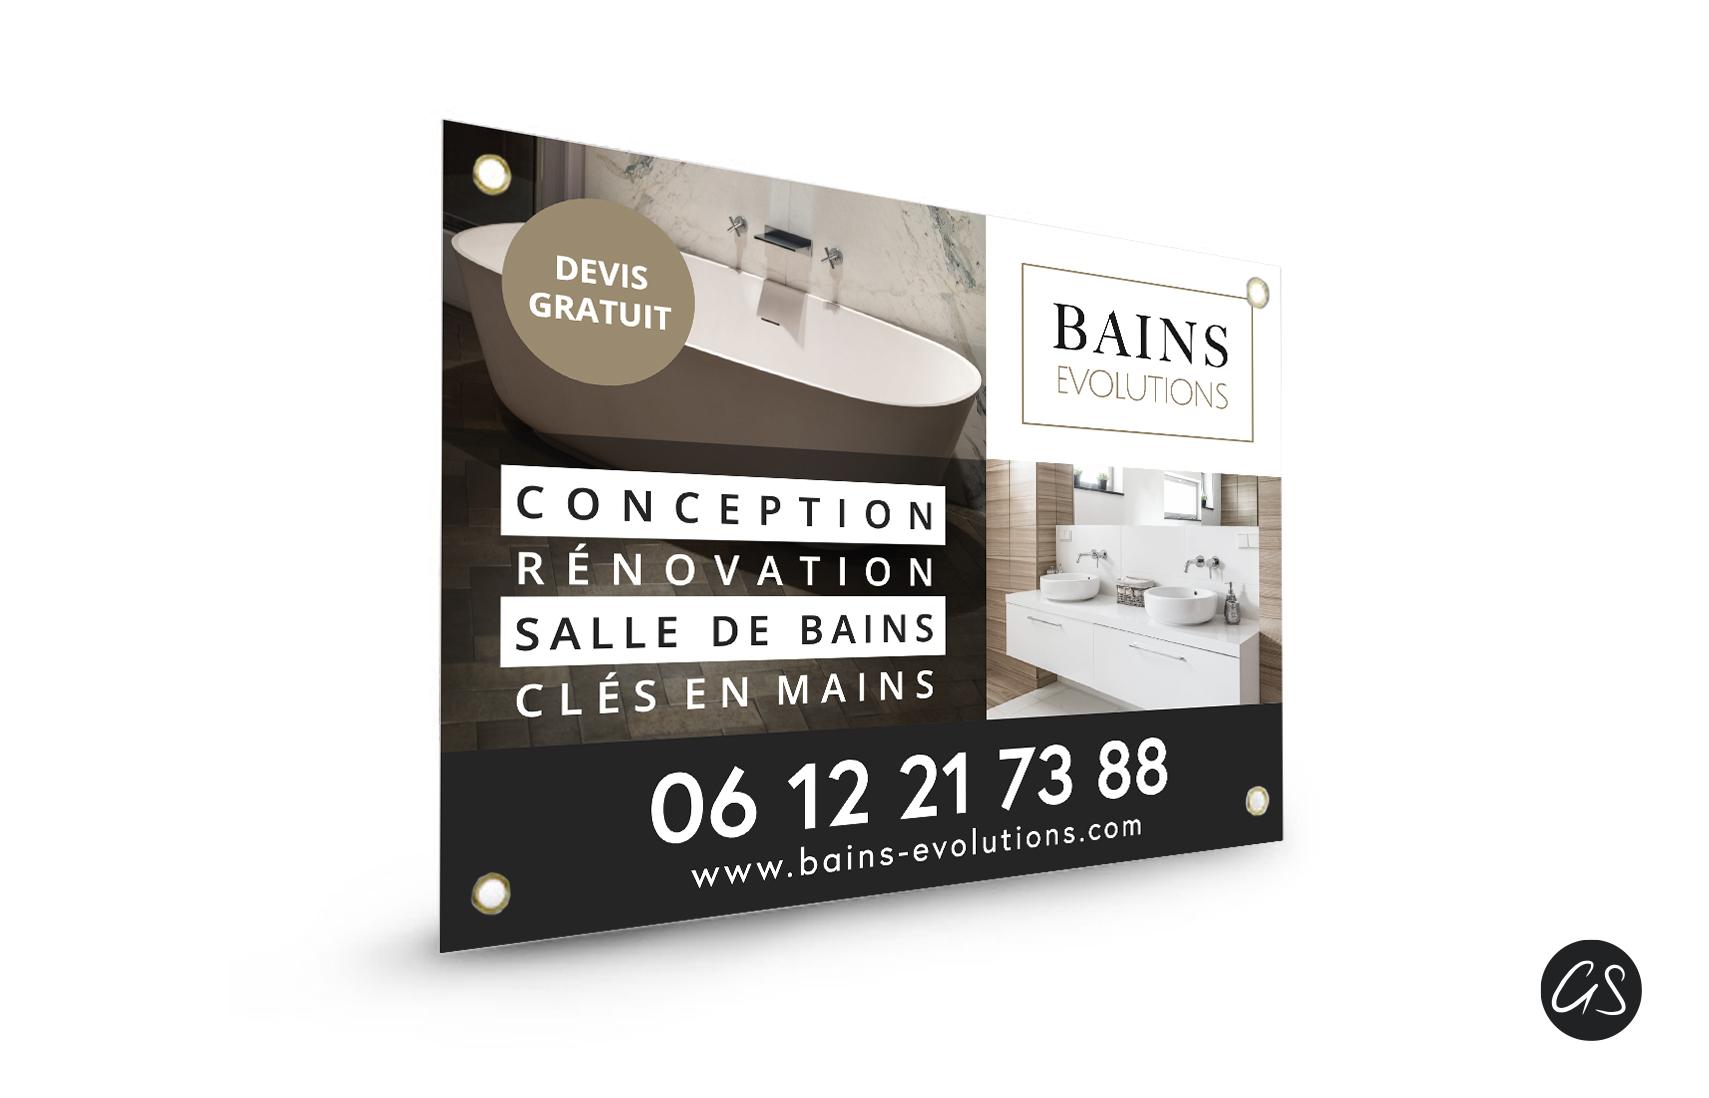 Création Graphique Panneau Akilux Artisan Plombier Salle de bains Ile de France 974